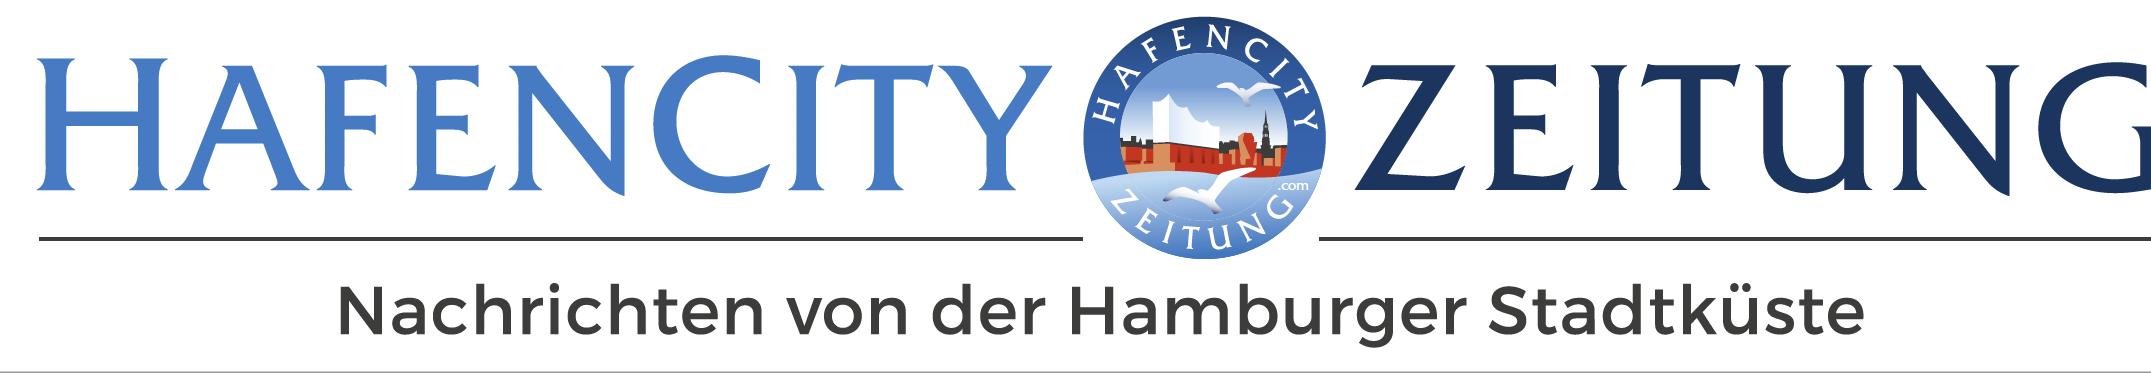 HAFENCITY ZEITUNG - Nachrichten von der Hamburger Stadtküste